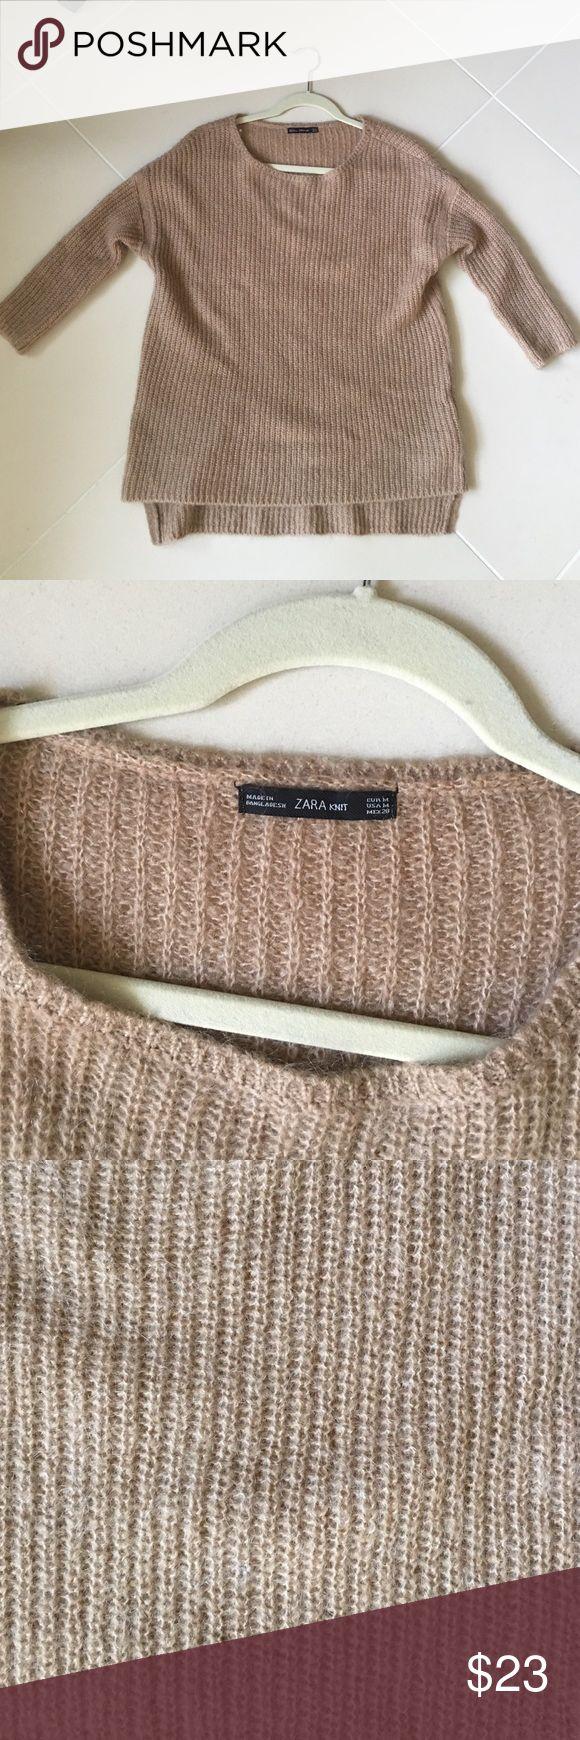 Camel jumper sweater Camel knitwear from zara knit collection Zara Sweaters